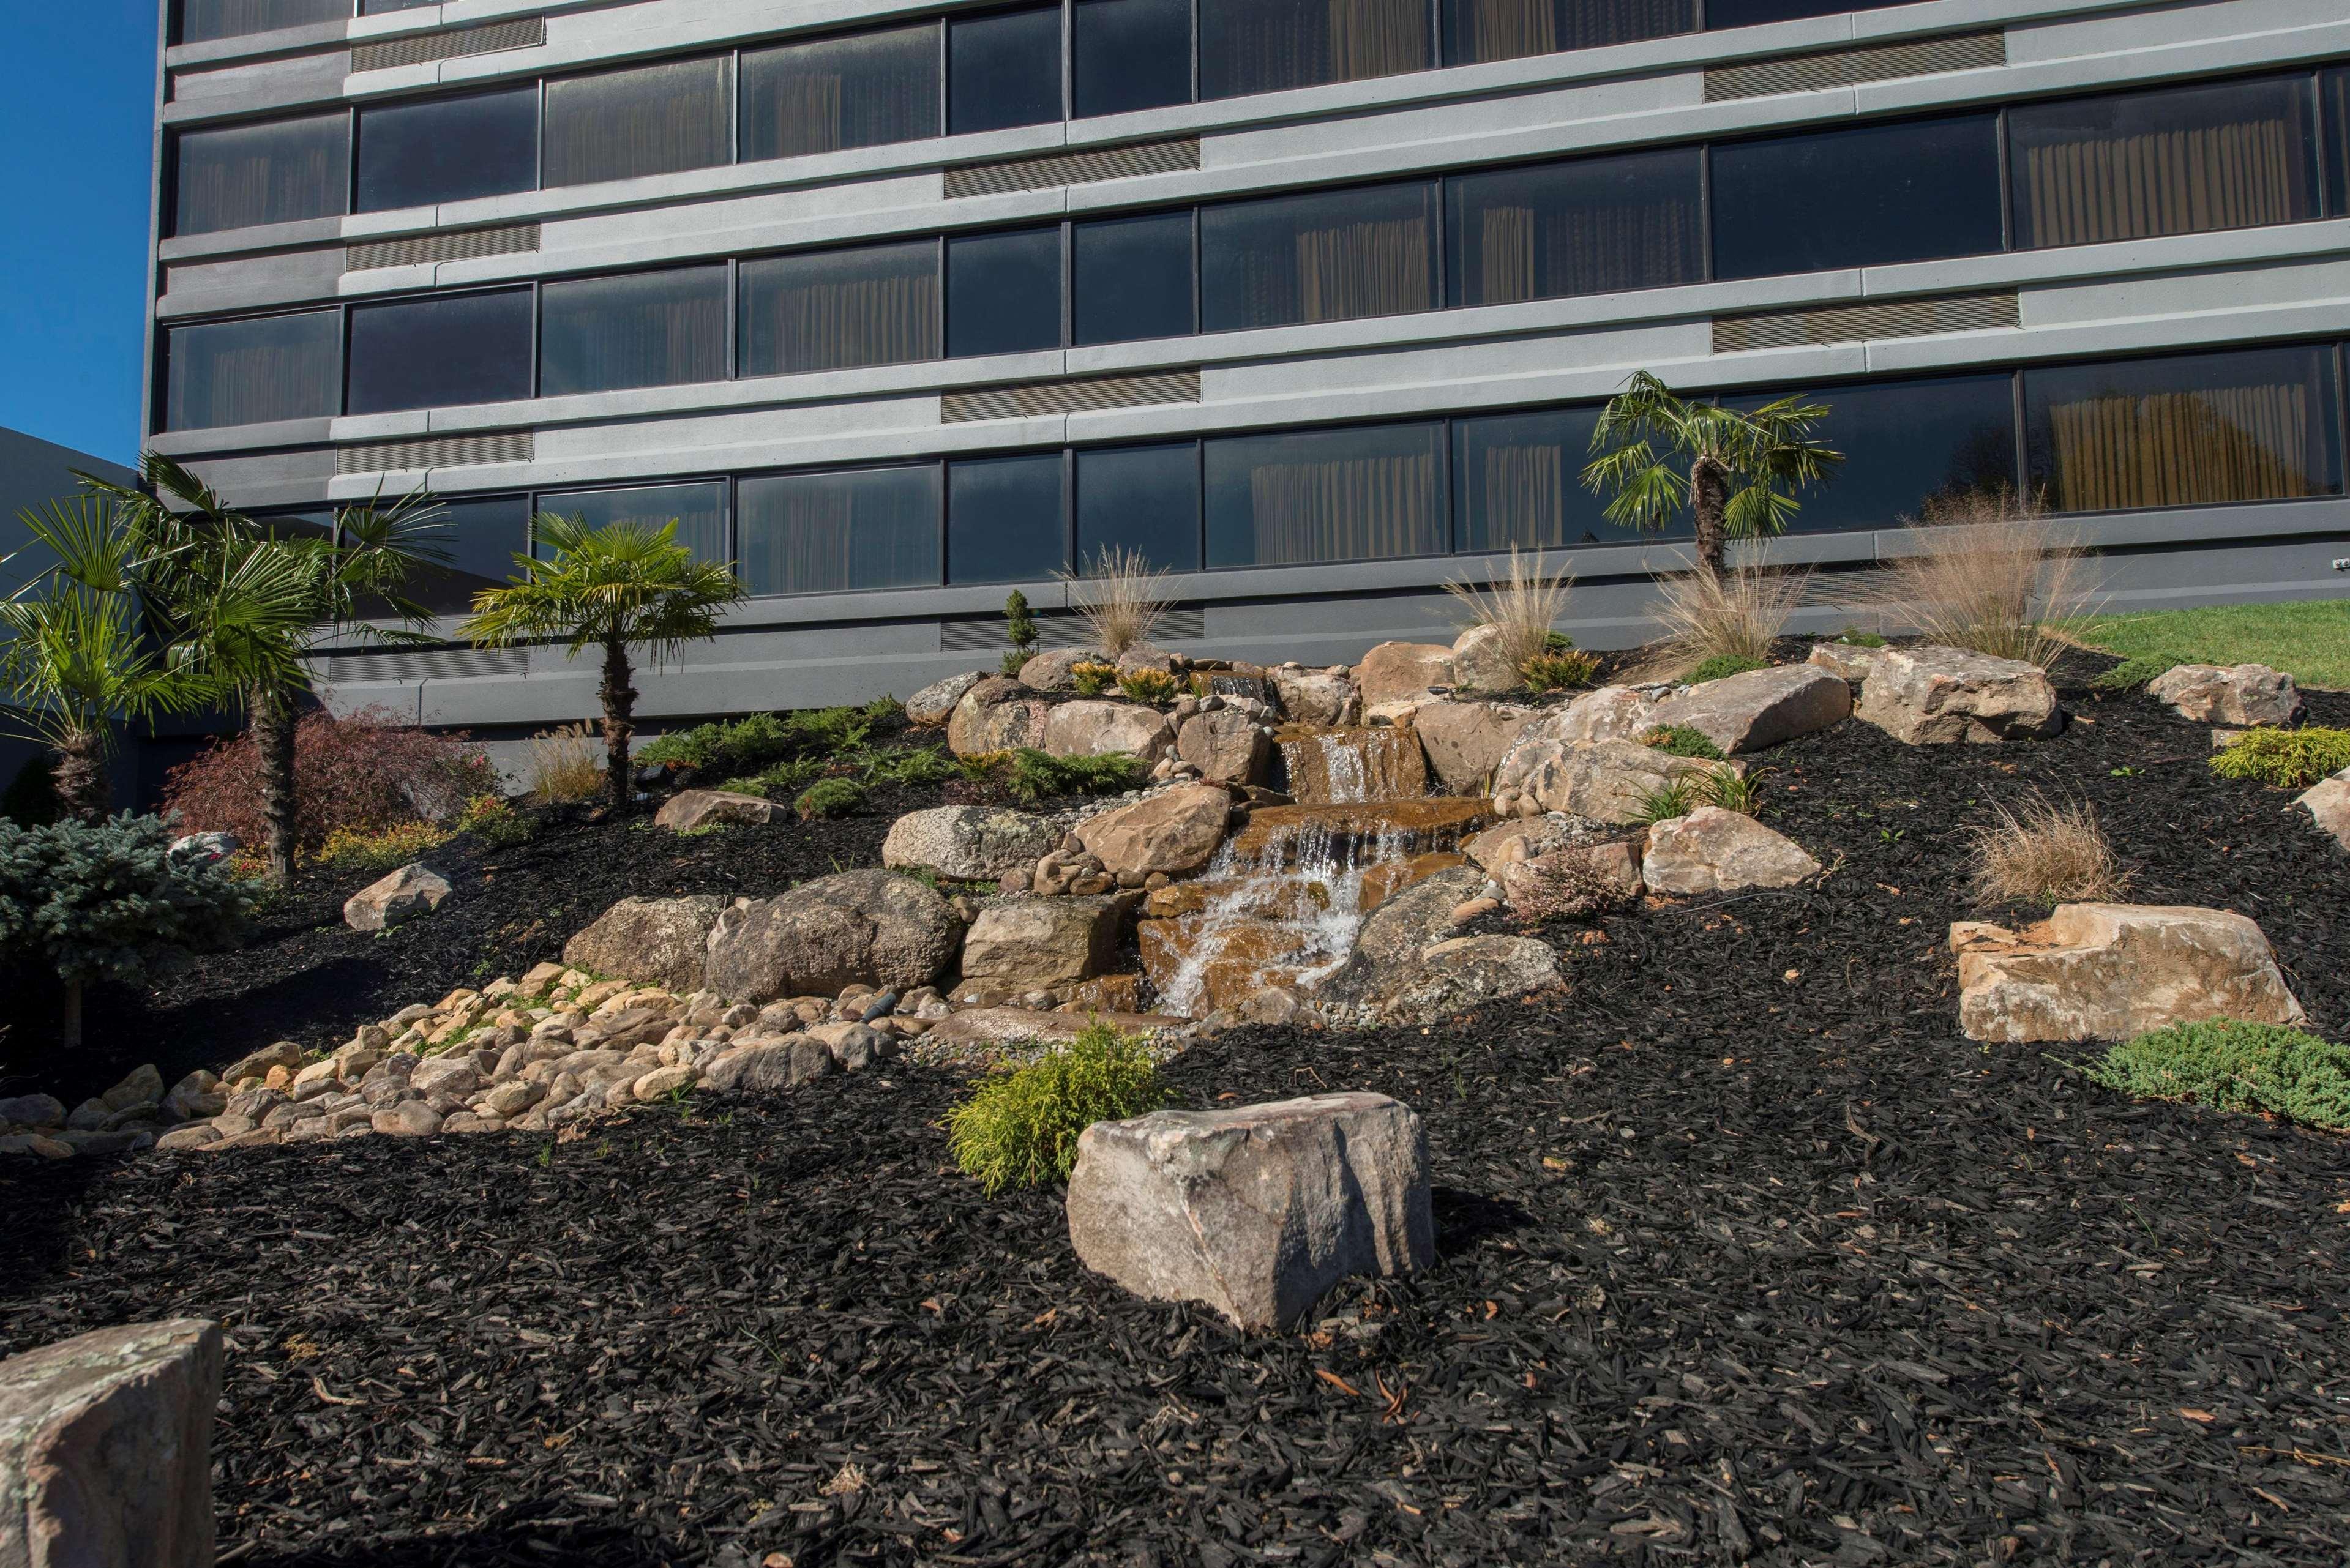 DoubleTree by Hilton Hotel Winston Salem - University image 16